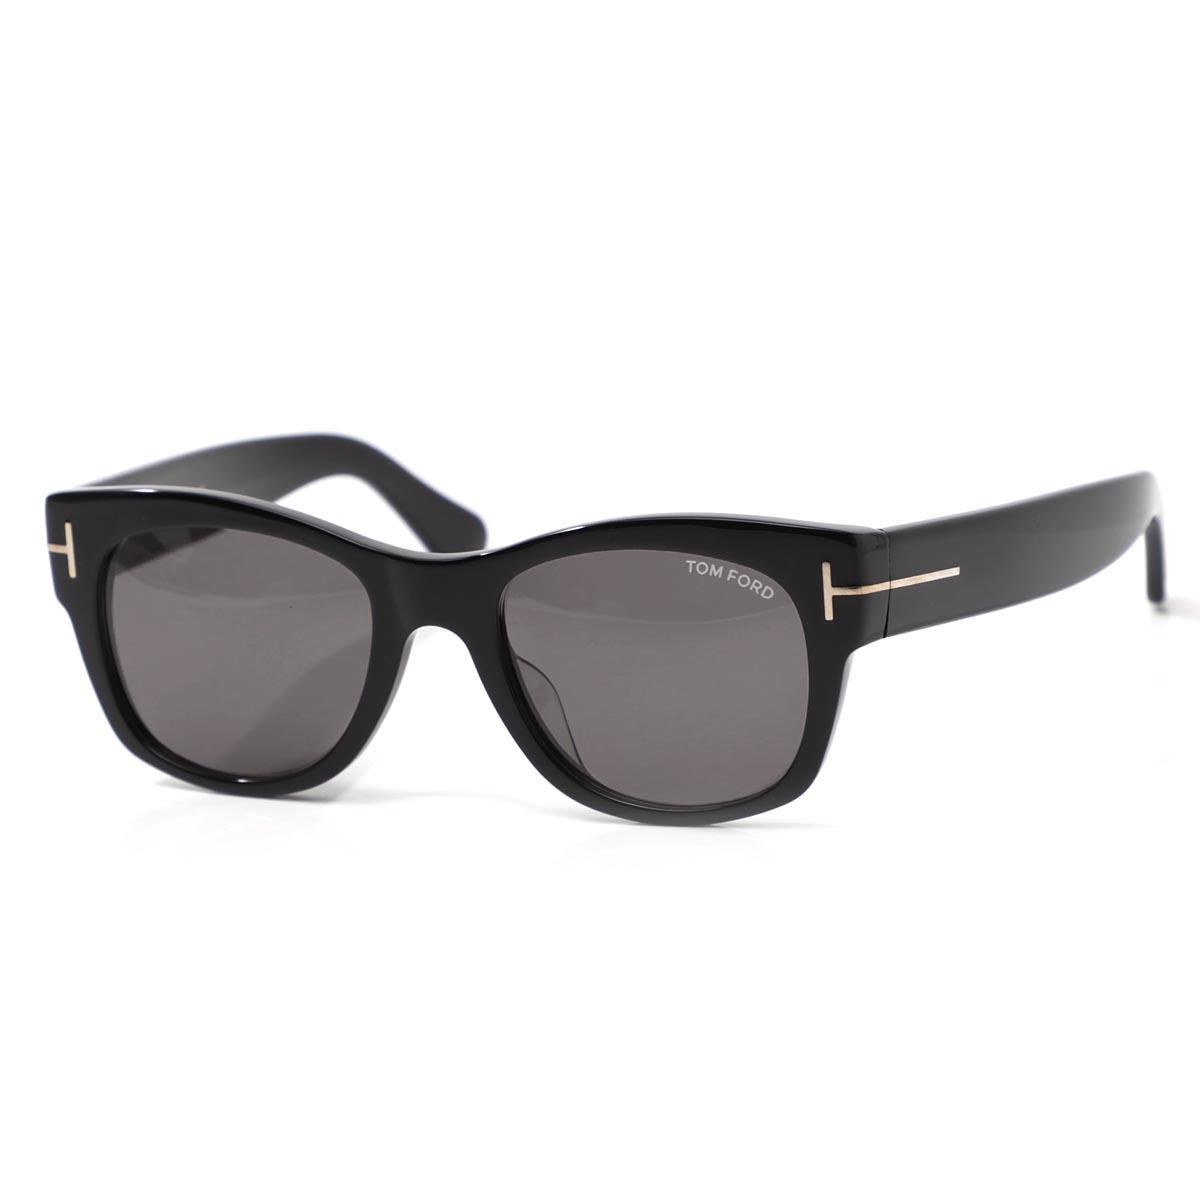 トムフォード TOM FORD サングラス ブラック メンズ メガネ めがね アイウェア ウェリントン ft0058 f 01a FT0058 CARY ウェリントン アジアン フィッティング【あす楽対応_関東】【返品送料無料】【ラッピング無料】